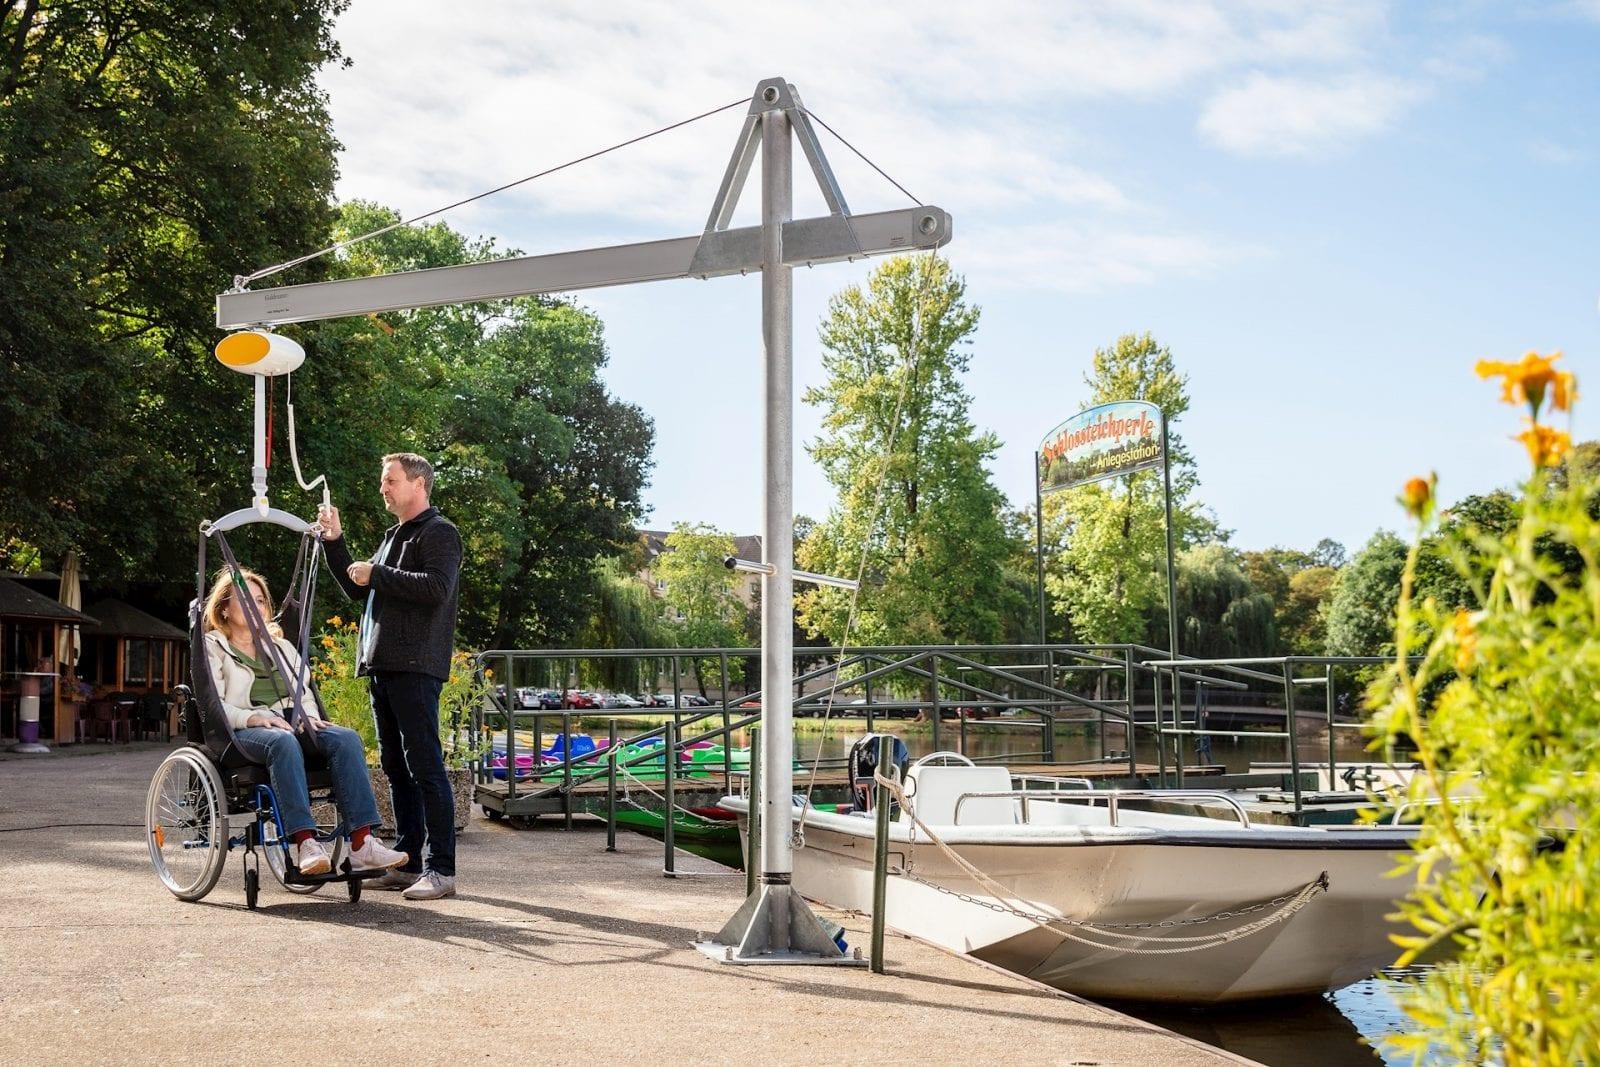 9181 02 swinglift schlossteich chemnitz 2018 1600x1067 Swing Lift